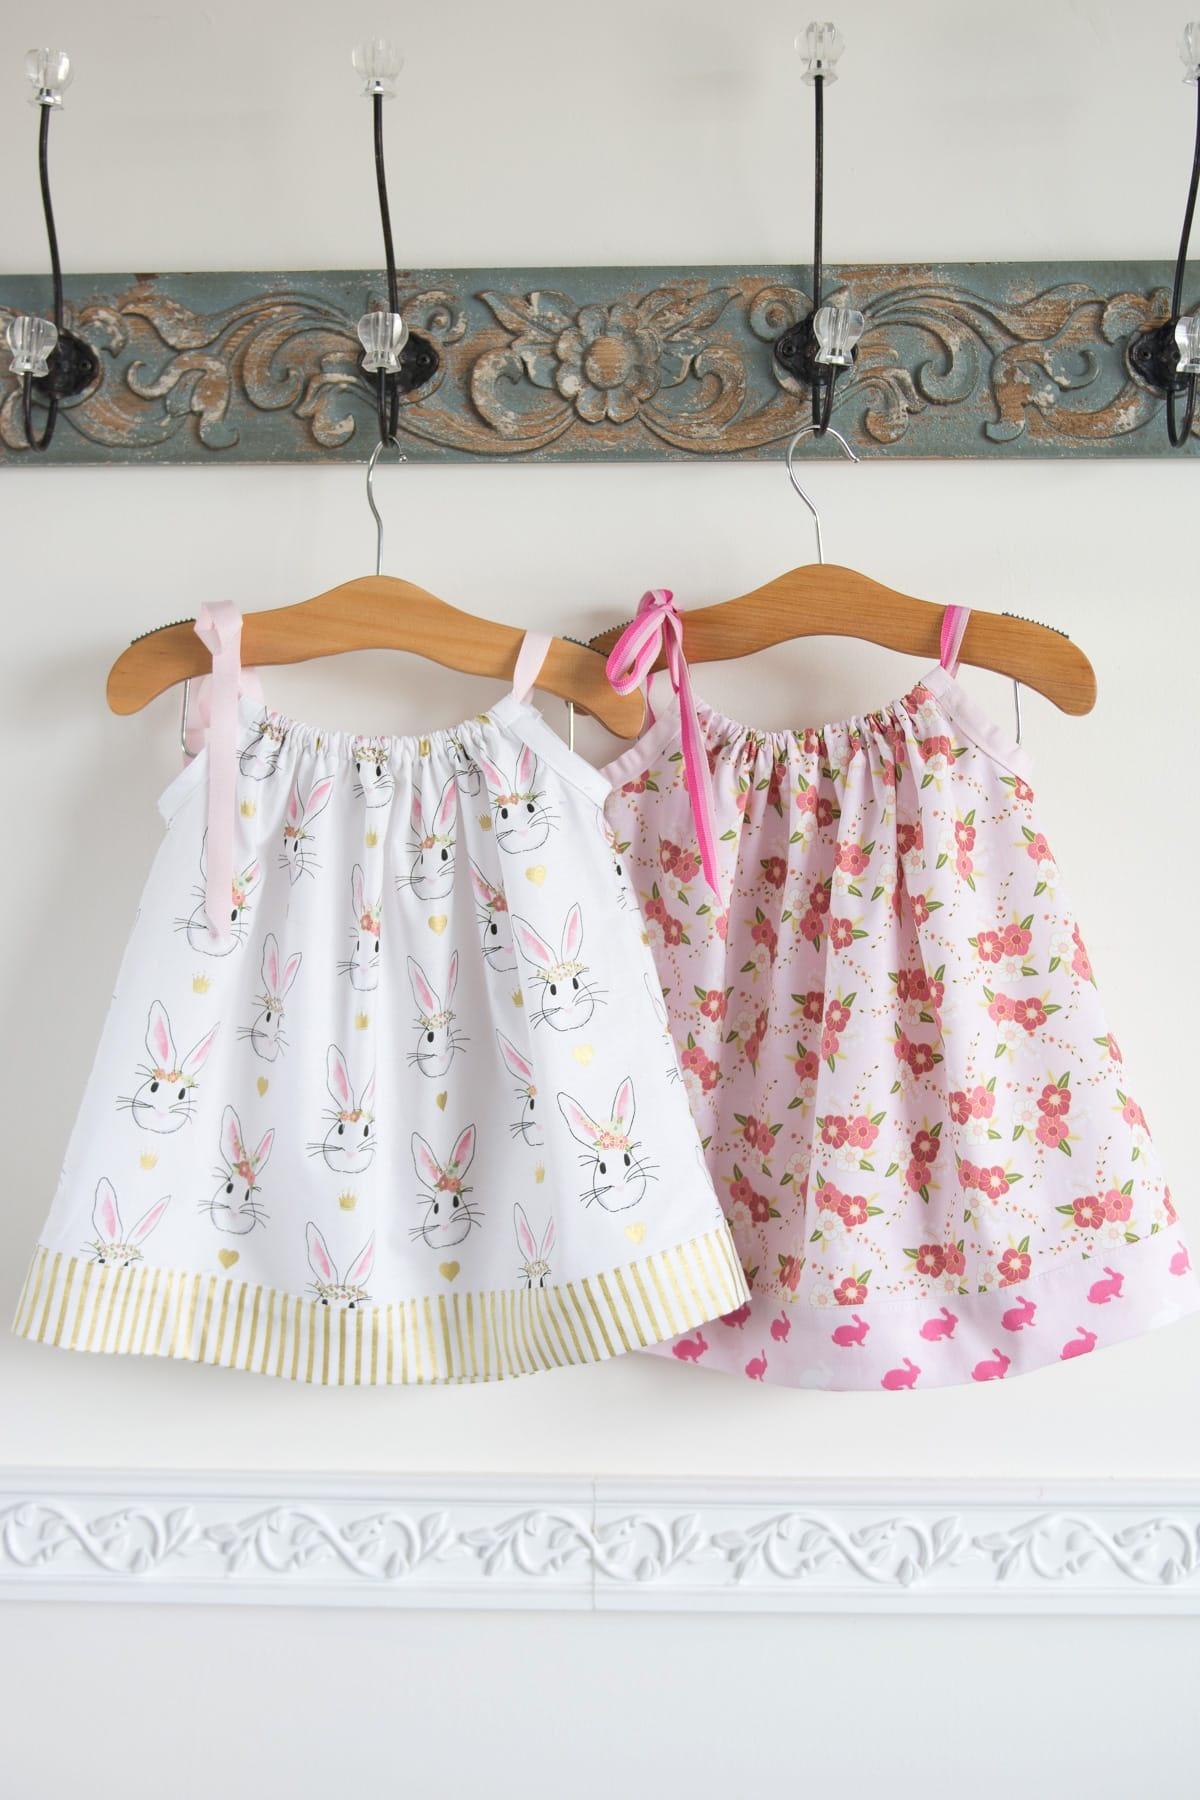 Pillowcase Dress Pattern And Size Chart | Polka Dot Chair - Free Printable Pillowcase Dress Pattern